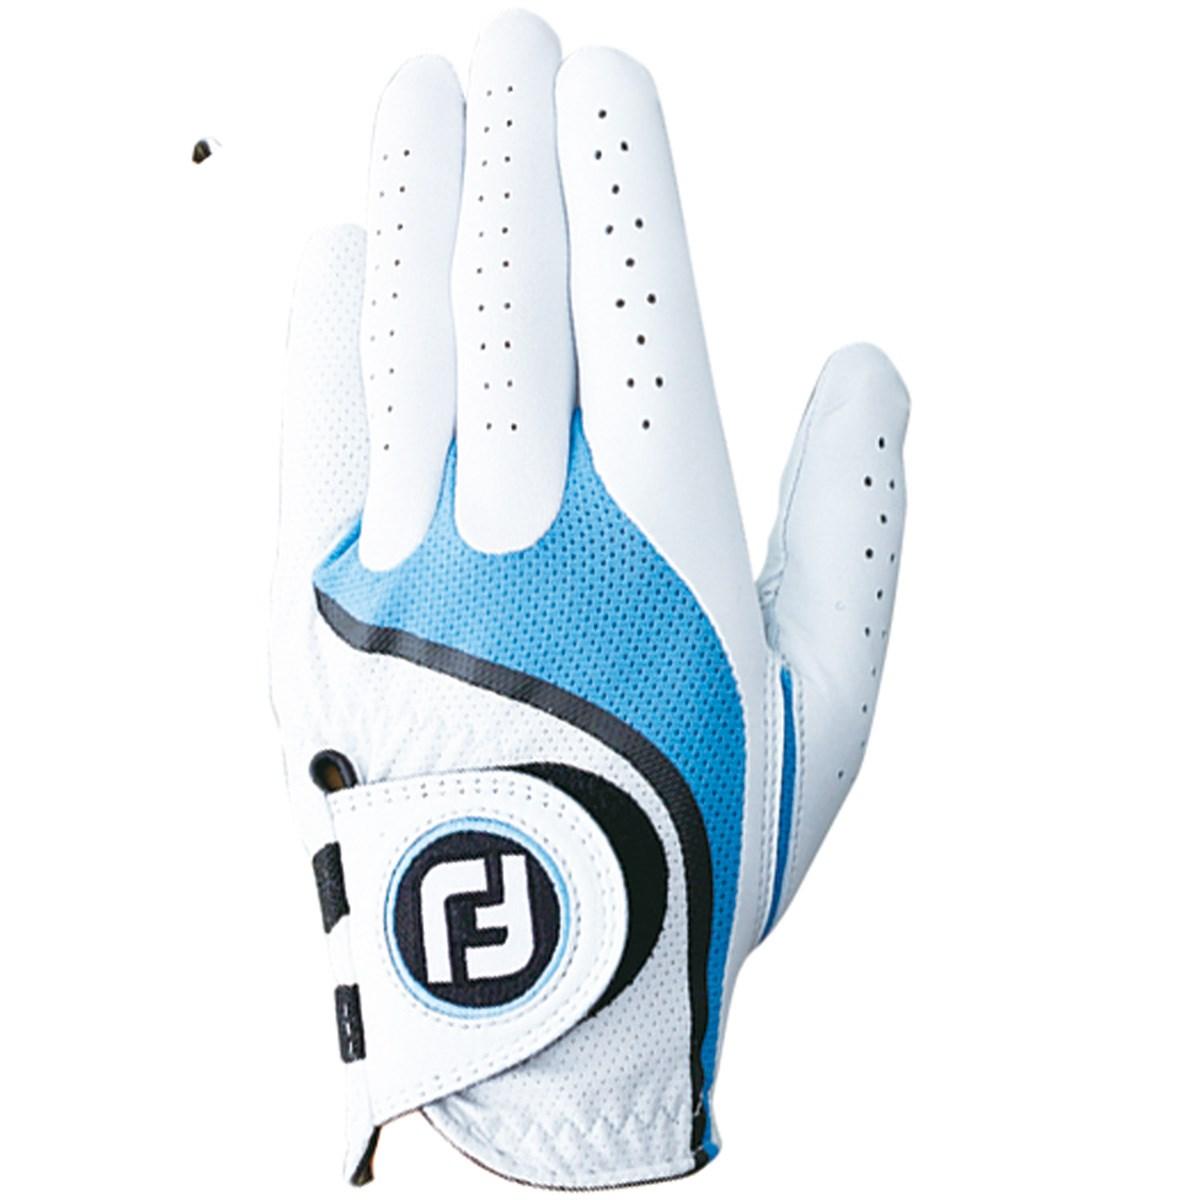 フットジョイ Foot Joy プロフレックス グローブ 23cm 左手着用(右利き用) ホワイト/ブルー